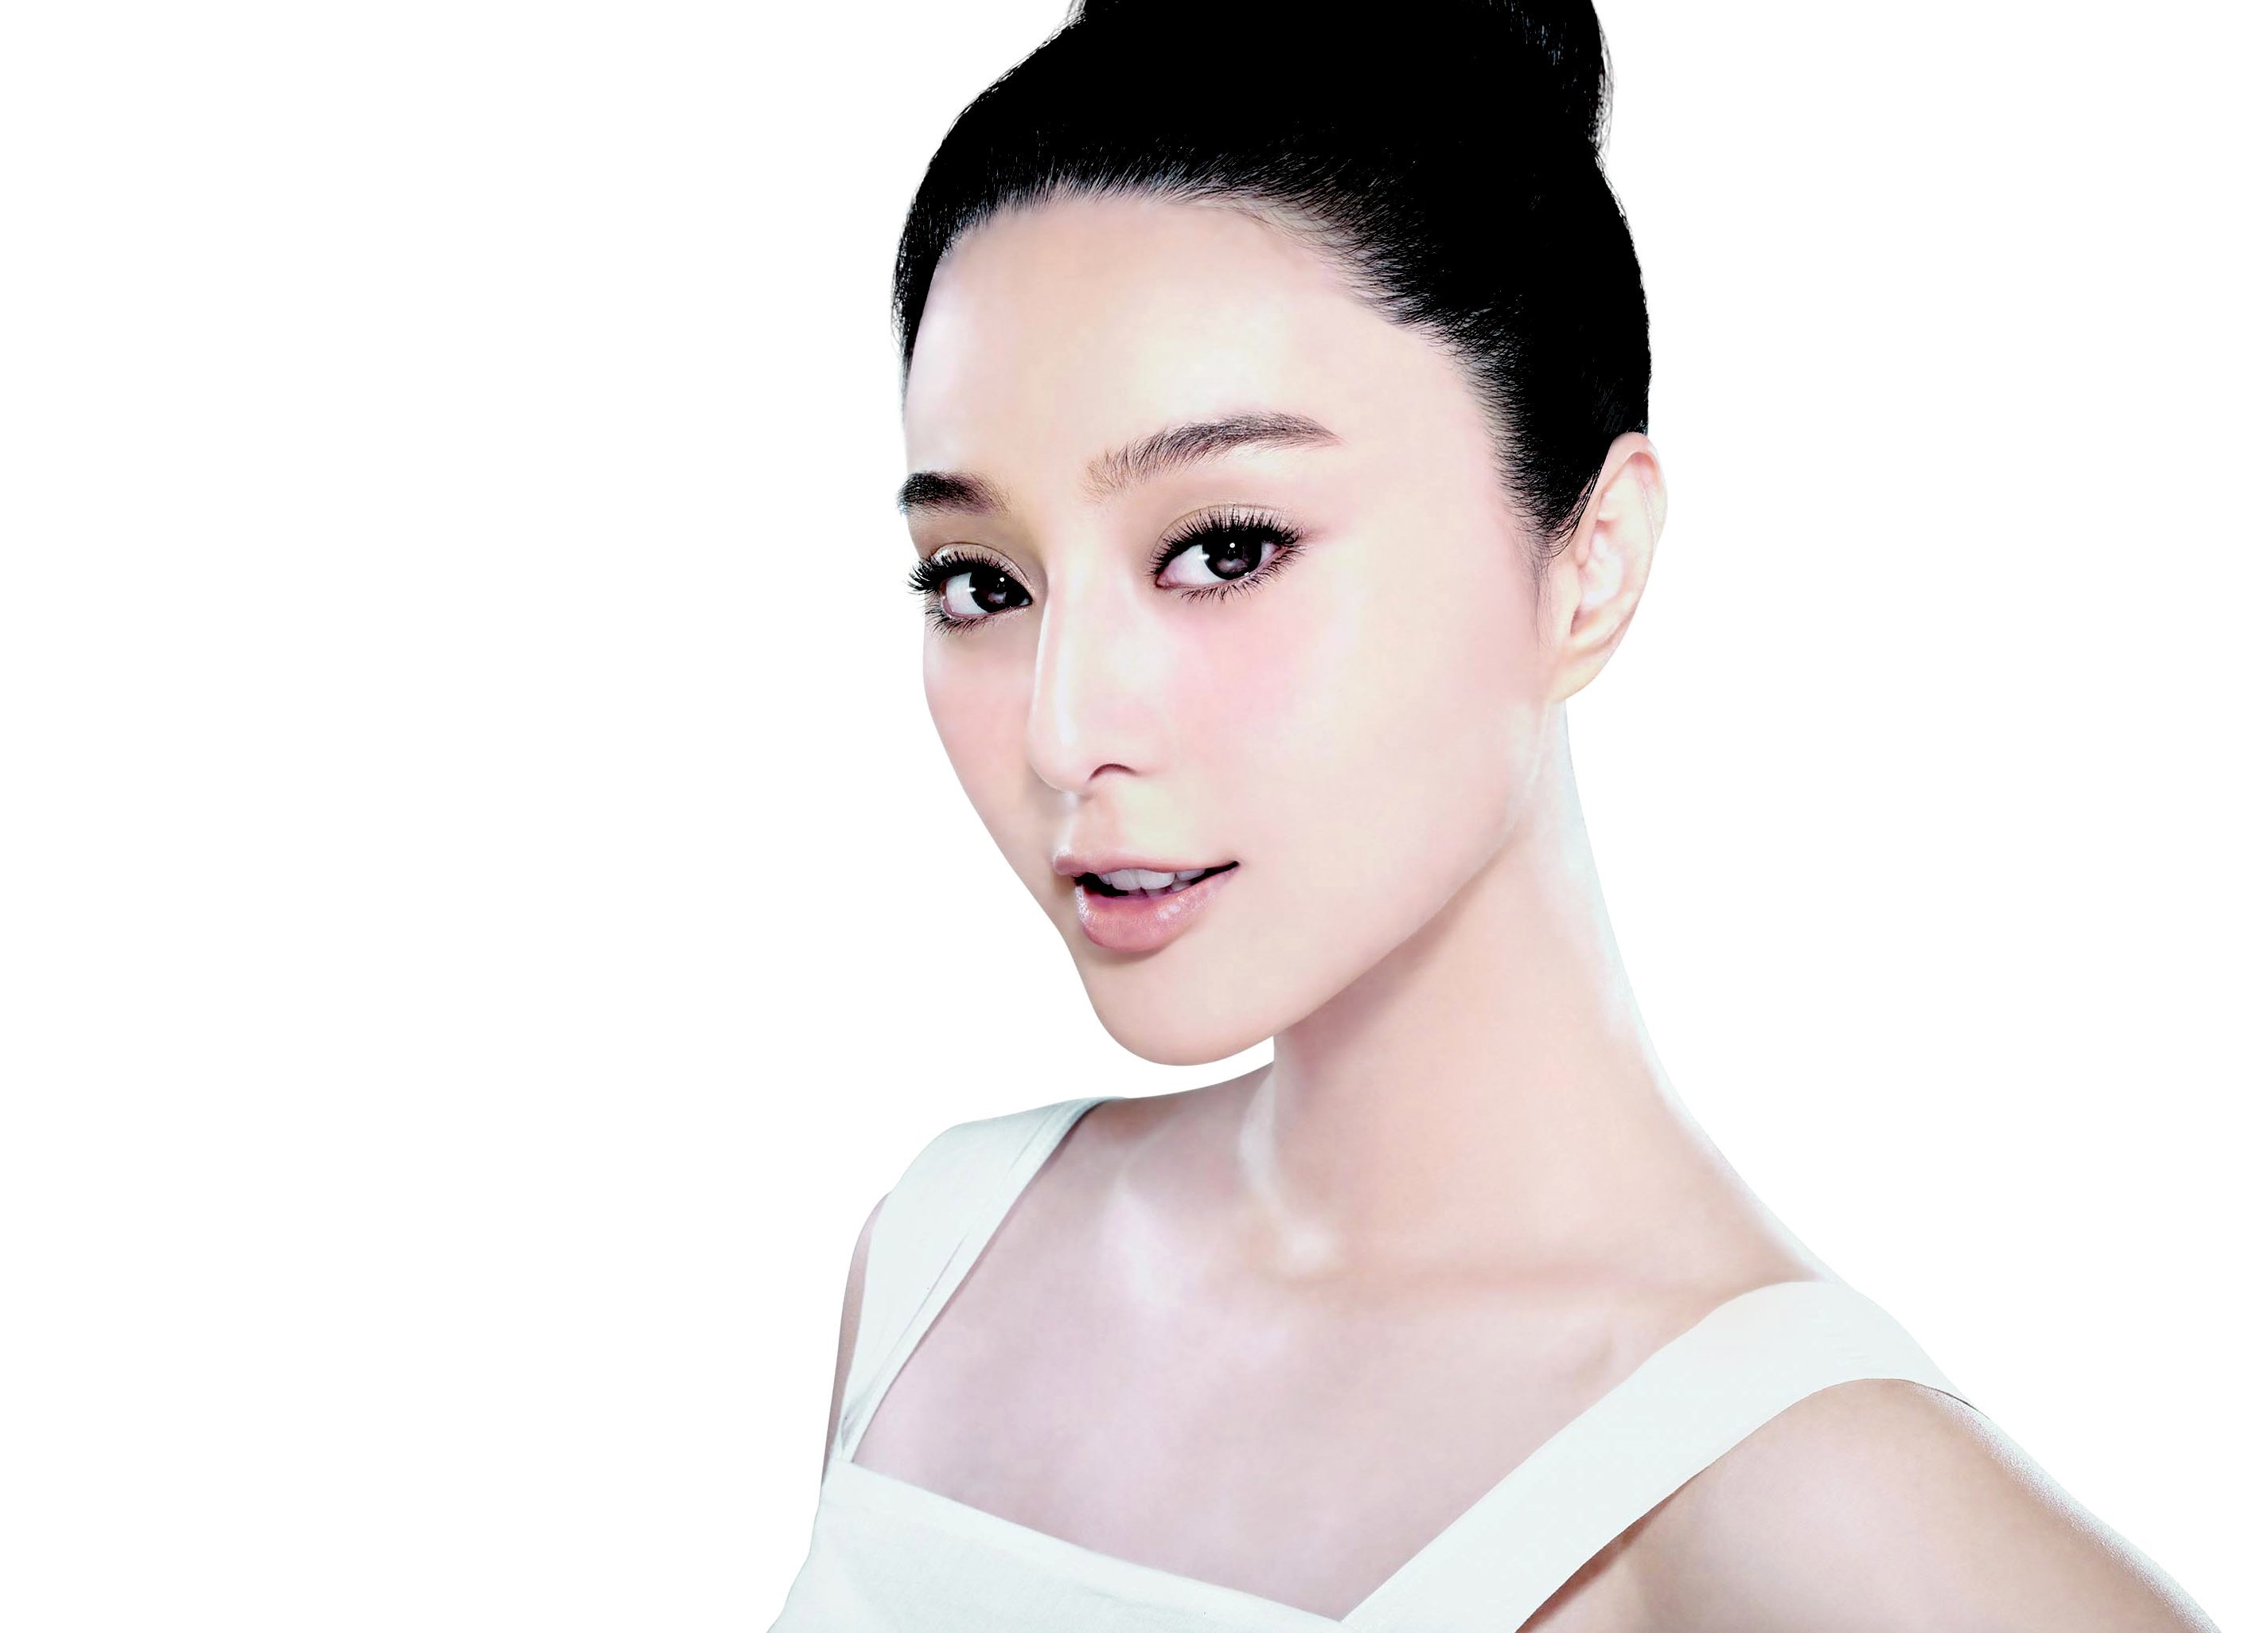 Foto gratis bella donna ritratto modello foto bel viso for Foto beautiful